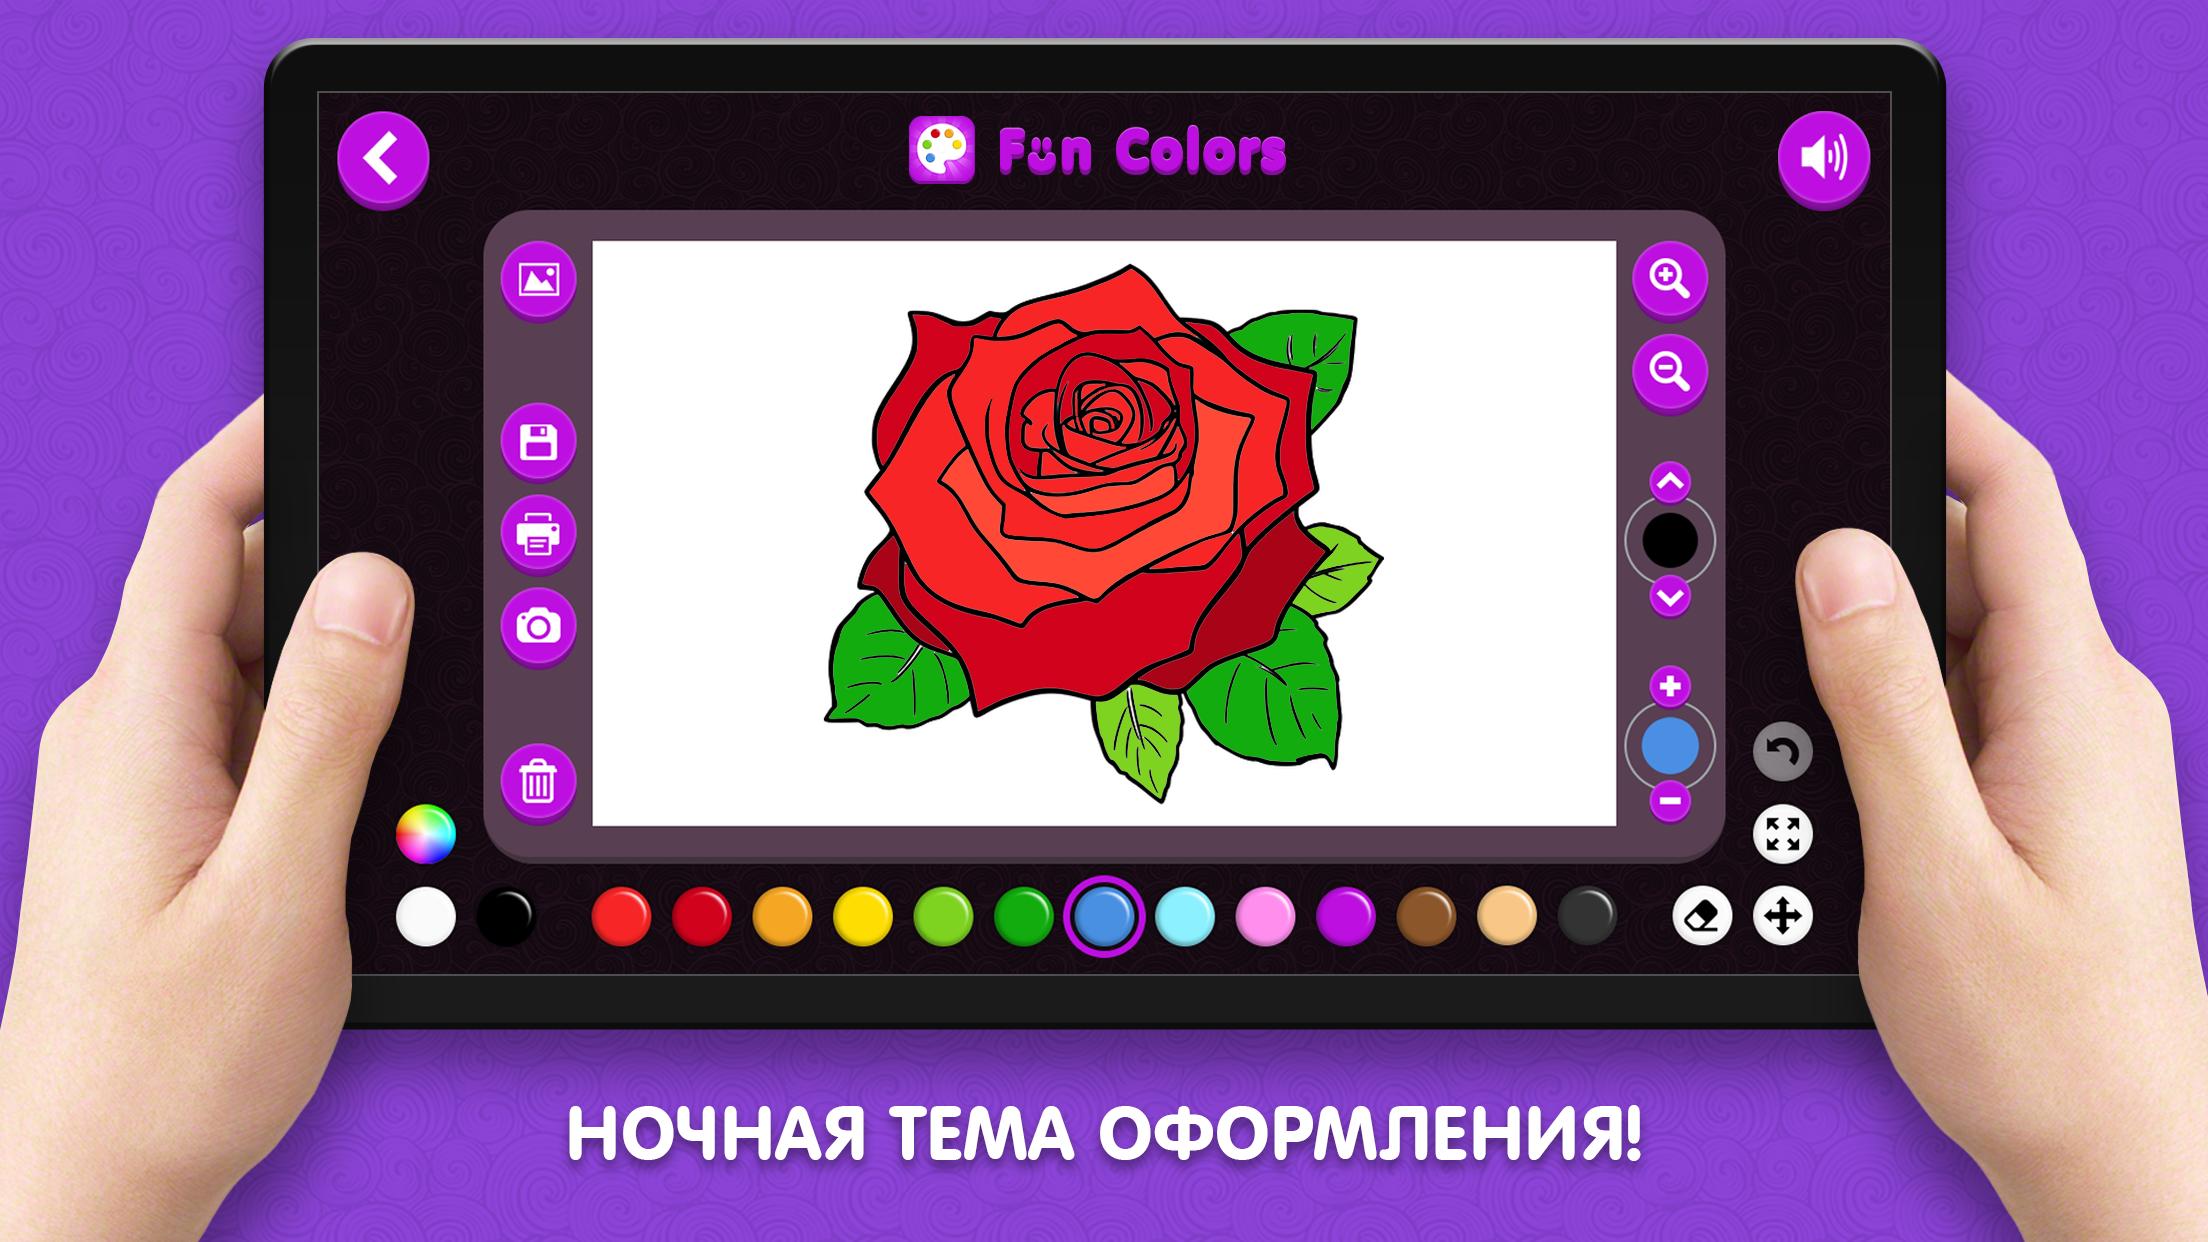 Fun Colors - раскраска — играть онлайн бесплатно на Яндекс ...